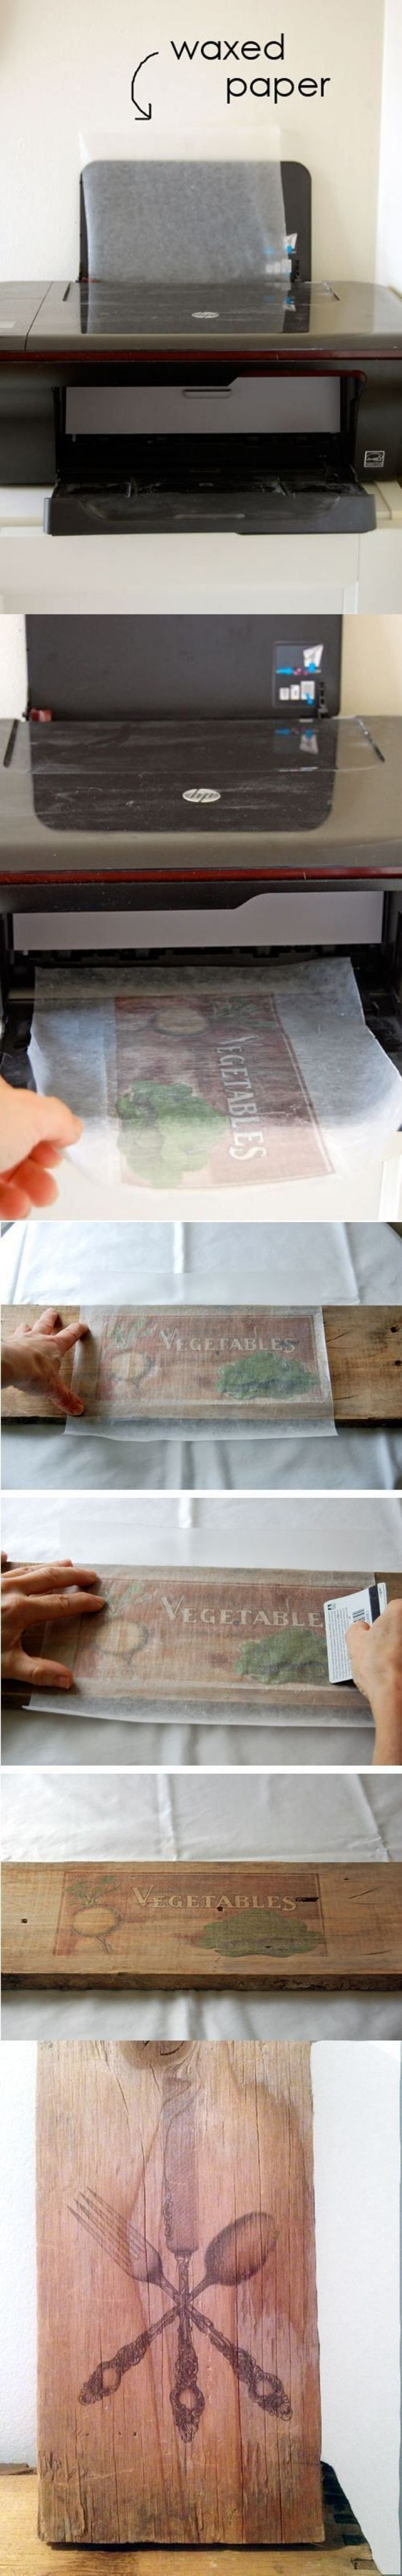 astuce  comment transf u00e9rer une photo sur un support en bois de mani u00e8re simple et rapide